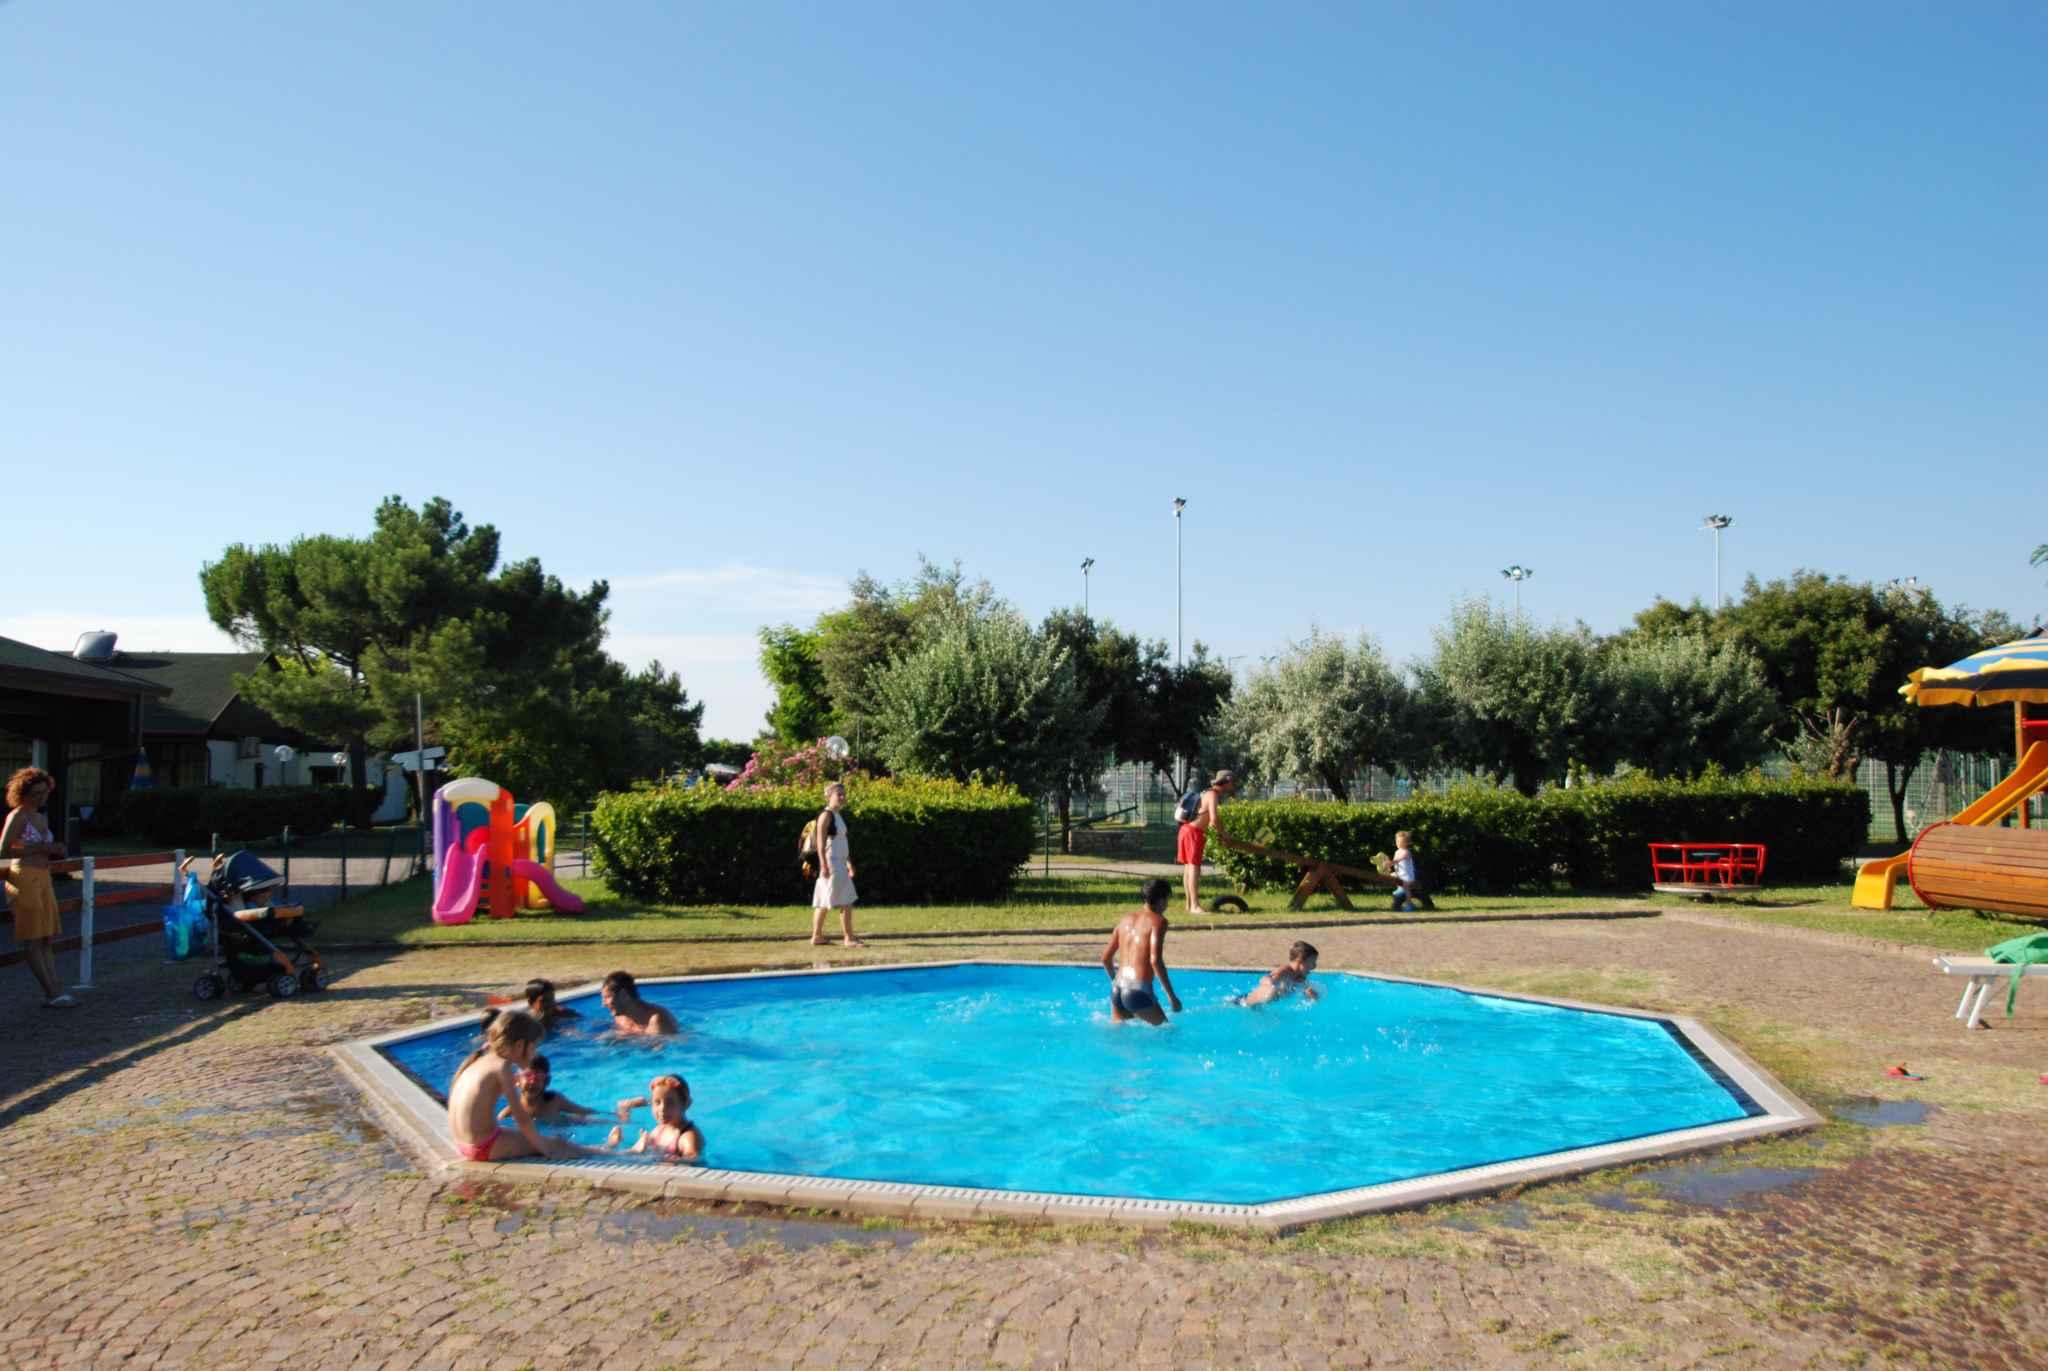 Holiday apartment Mobilehome Camping Classe (279185), Lido di Dante, Adriatic coast (Emilia-Romagna), Emilia-Romagna, Italy, picture 12